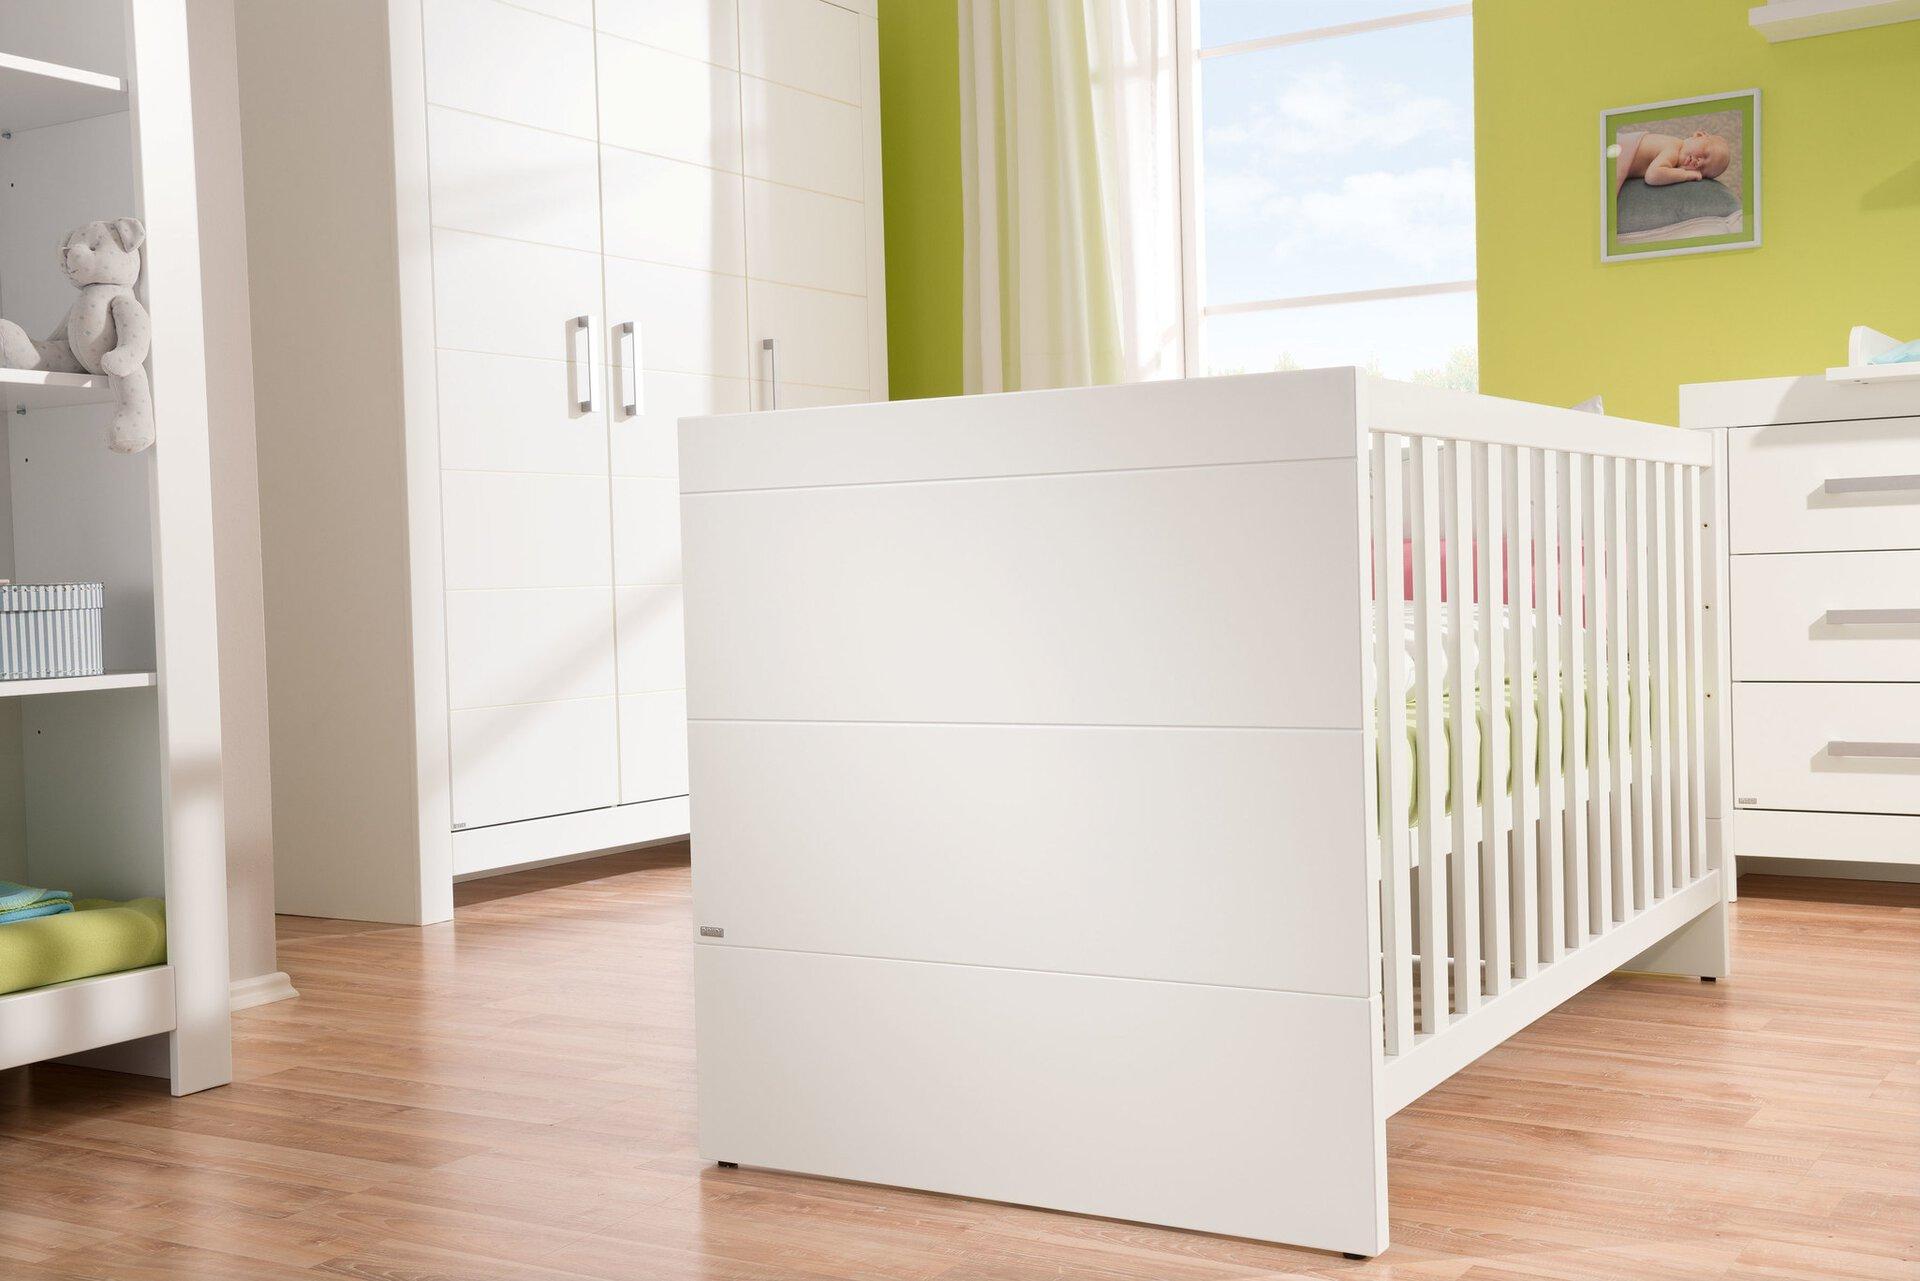 Kinderbett FIONA PAIDI Holzwerkstoff weiß 80 x 76 x 145 cm